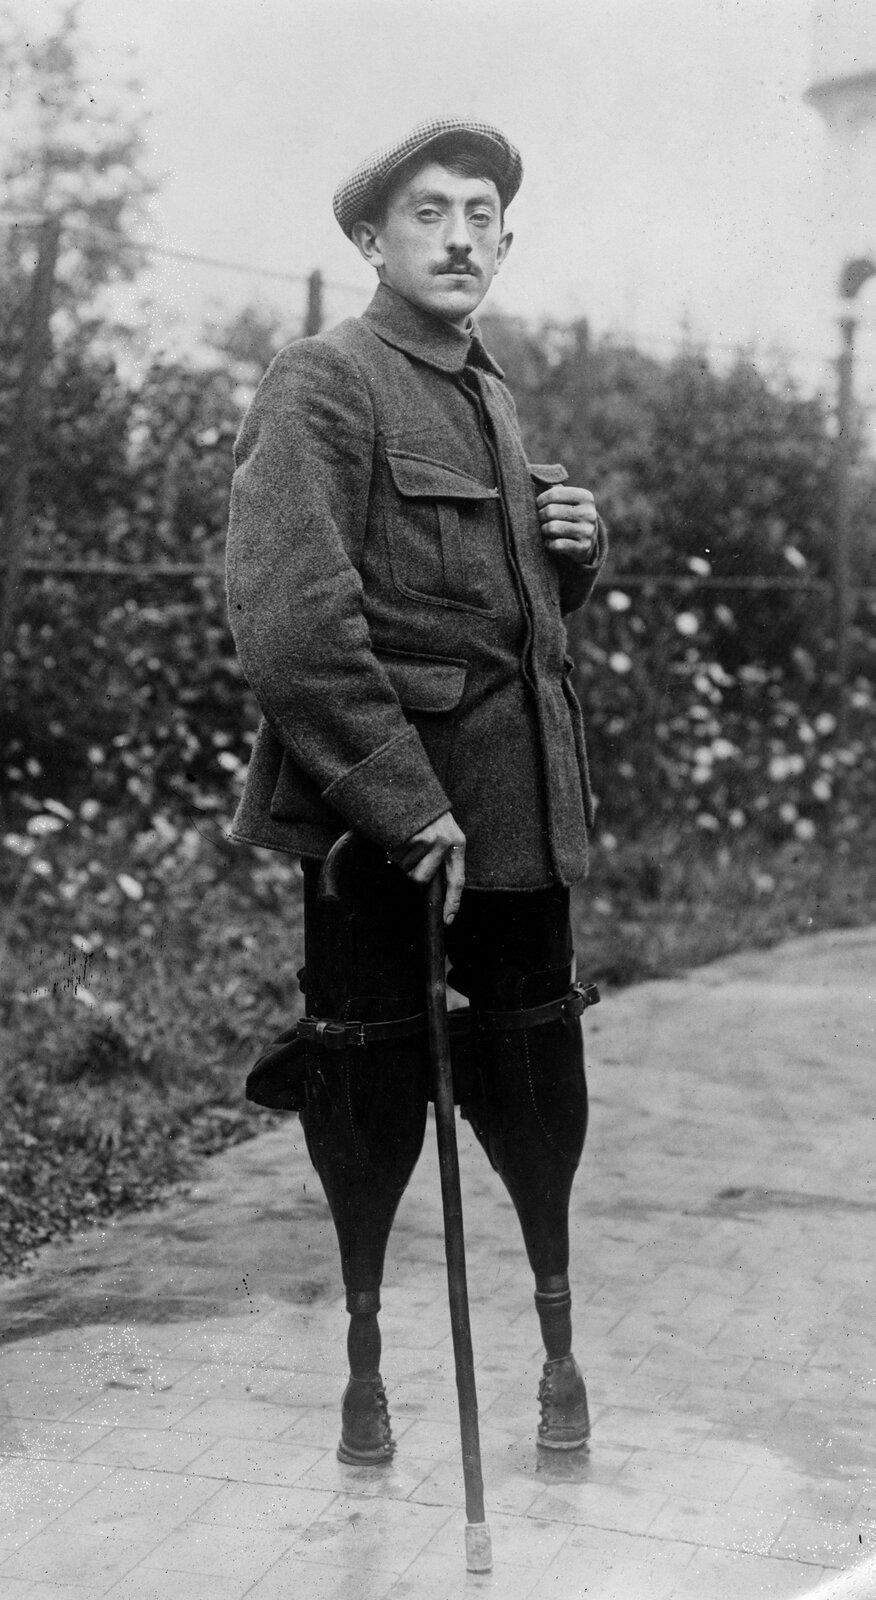 Żołnierz francuski, który stracił podczas wojny obie nogi Źródło: Żołnierz francuski, który stracił podczas wojny obie nogi, Fotografia, Biblioteka Kongresu Stanów Zjednoczonych, domena publiczna.